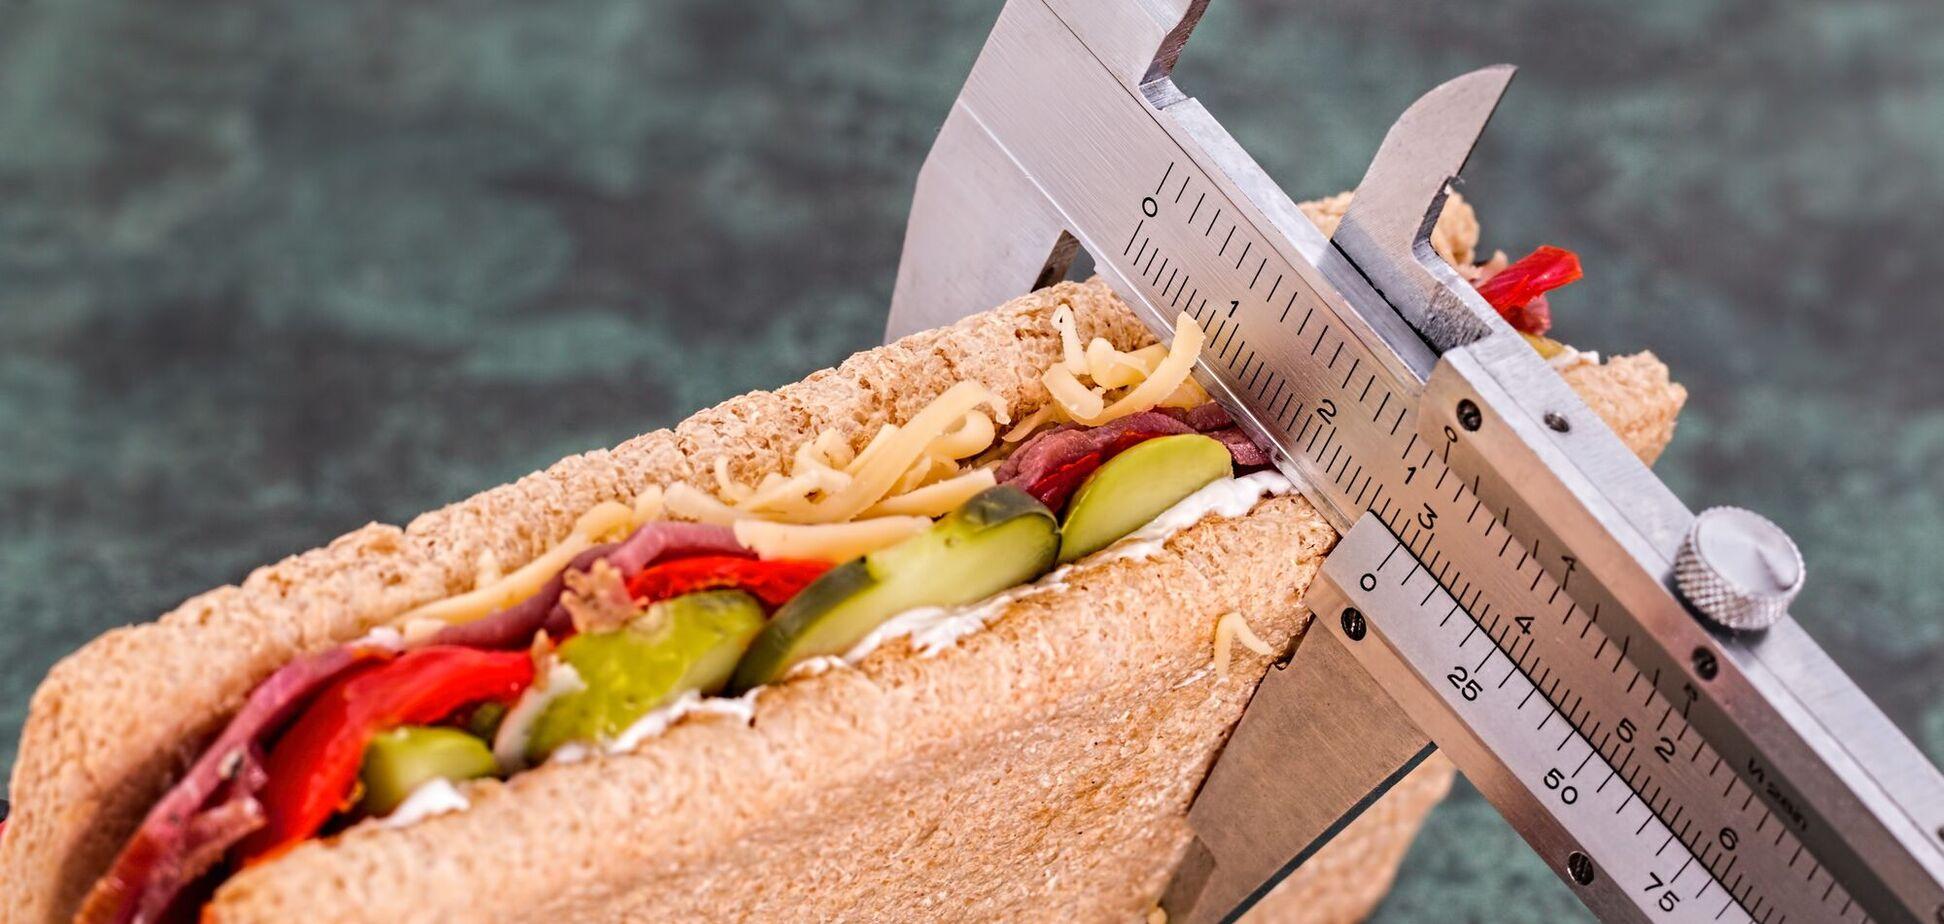 День боротьби з ожирінням відзначається з 2015 року